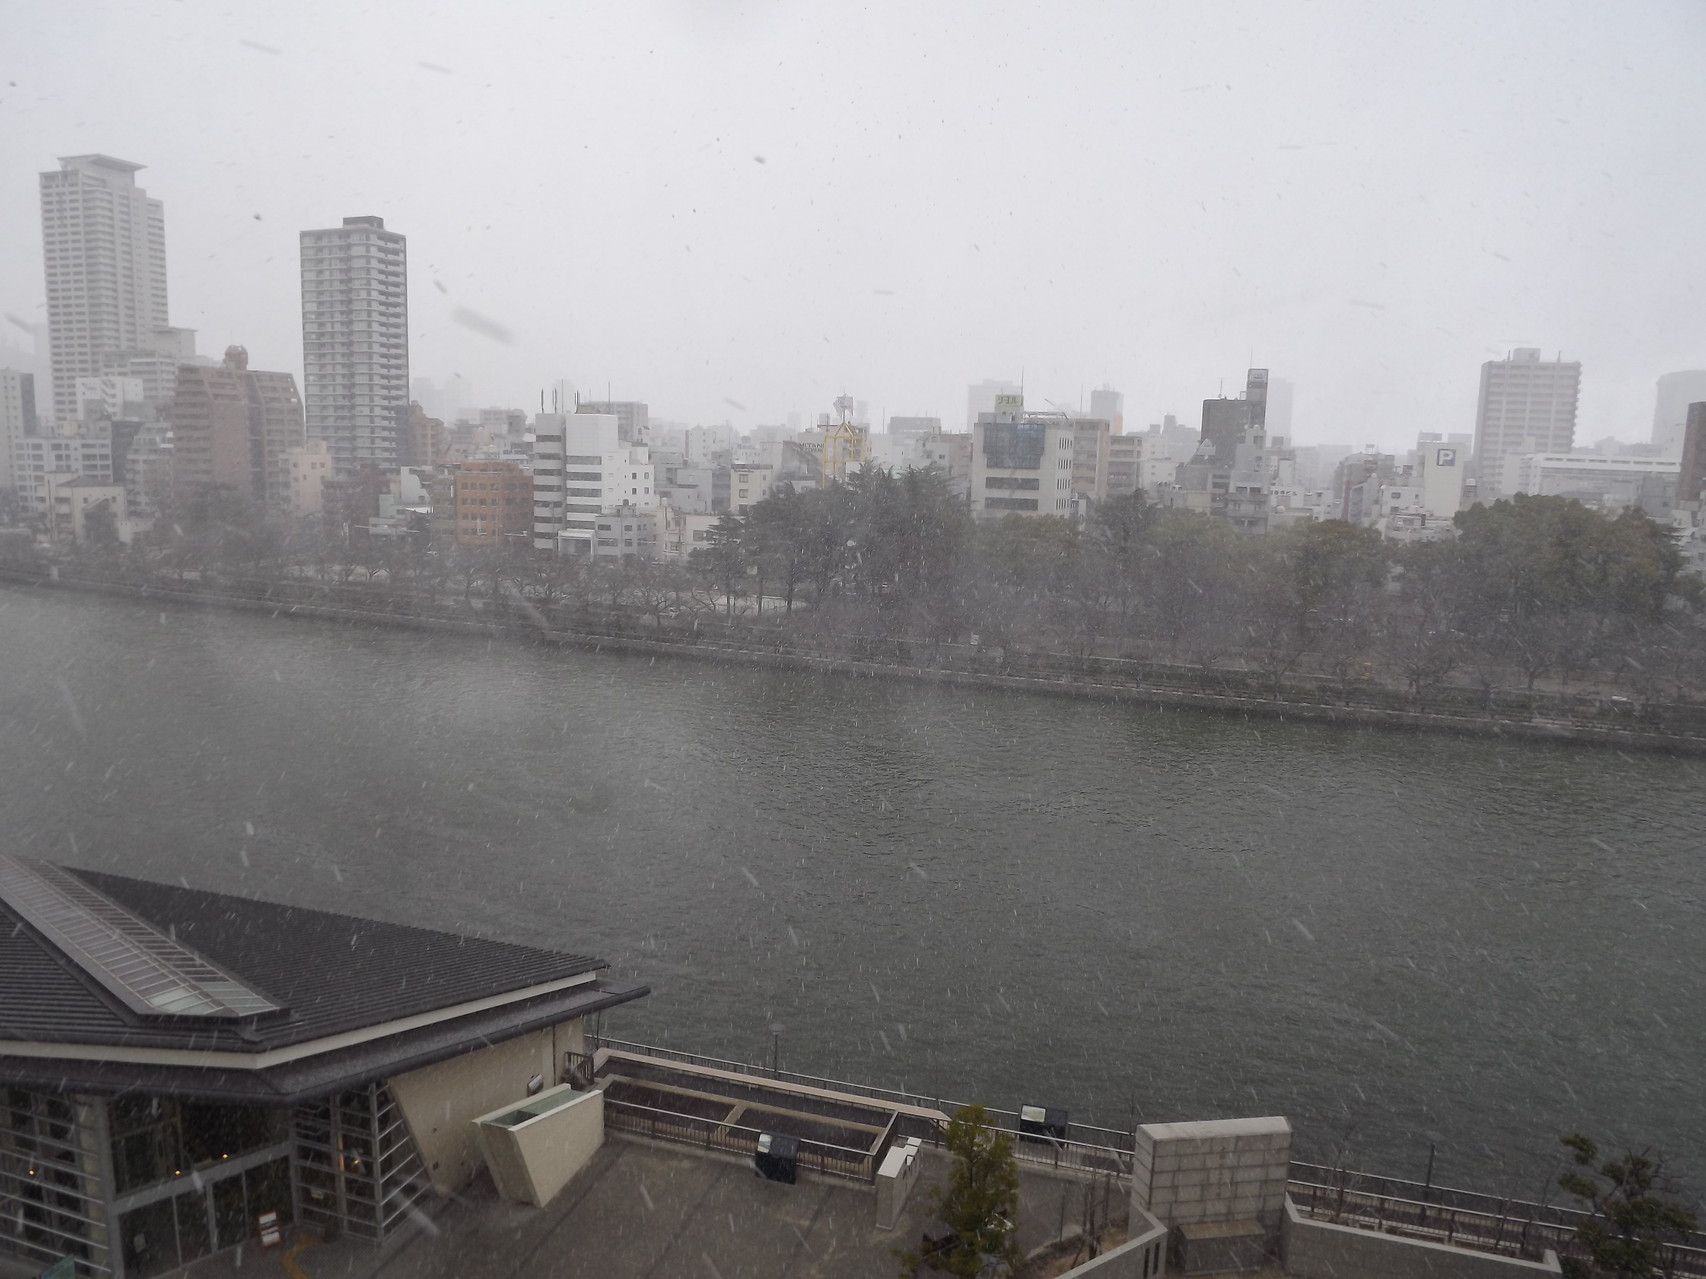 天満橋・天神橋・梅田・大阪・大川・中之島